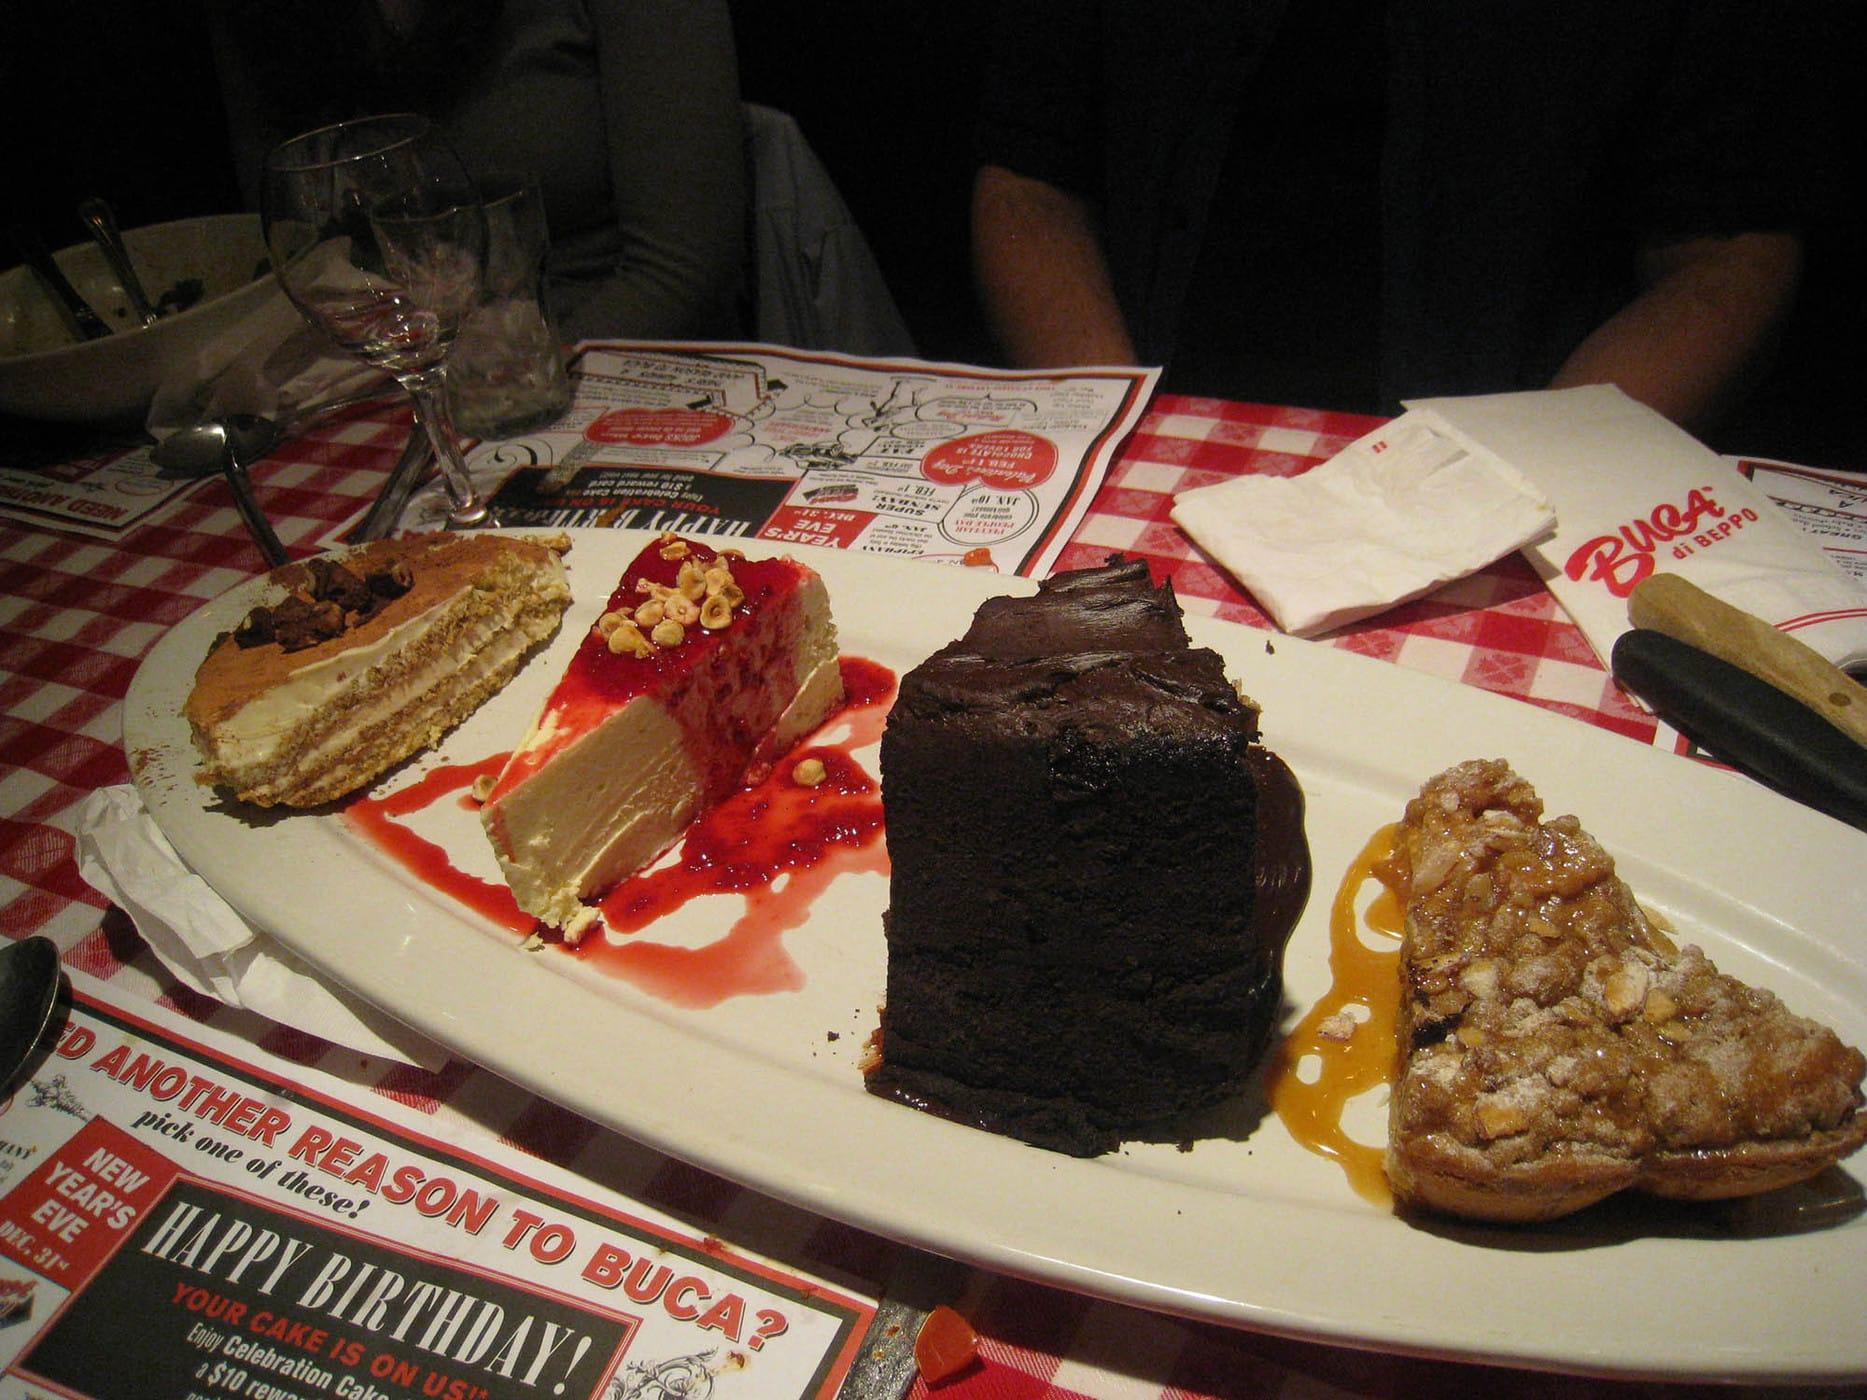 Dessert platter of Tiramisu, Double Dark Chocolate Cake, Homemade Cheesecake, and Apple Crostata at Bucca di Beppo